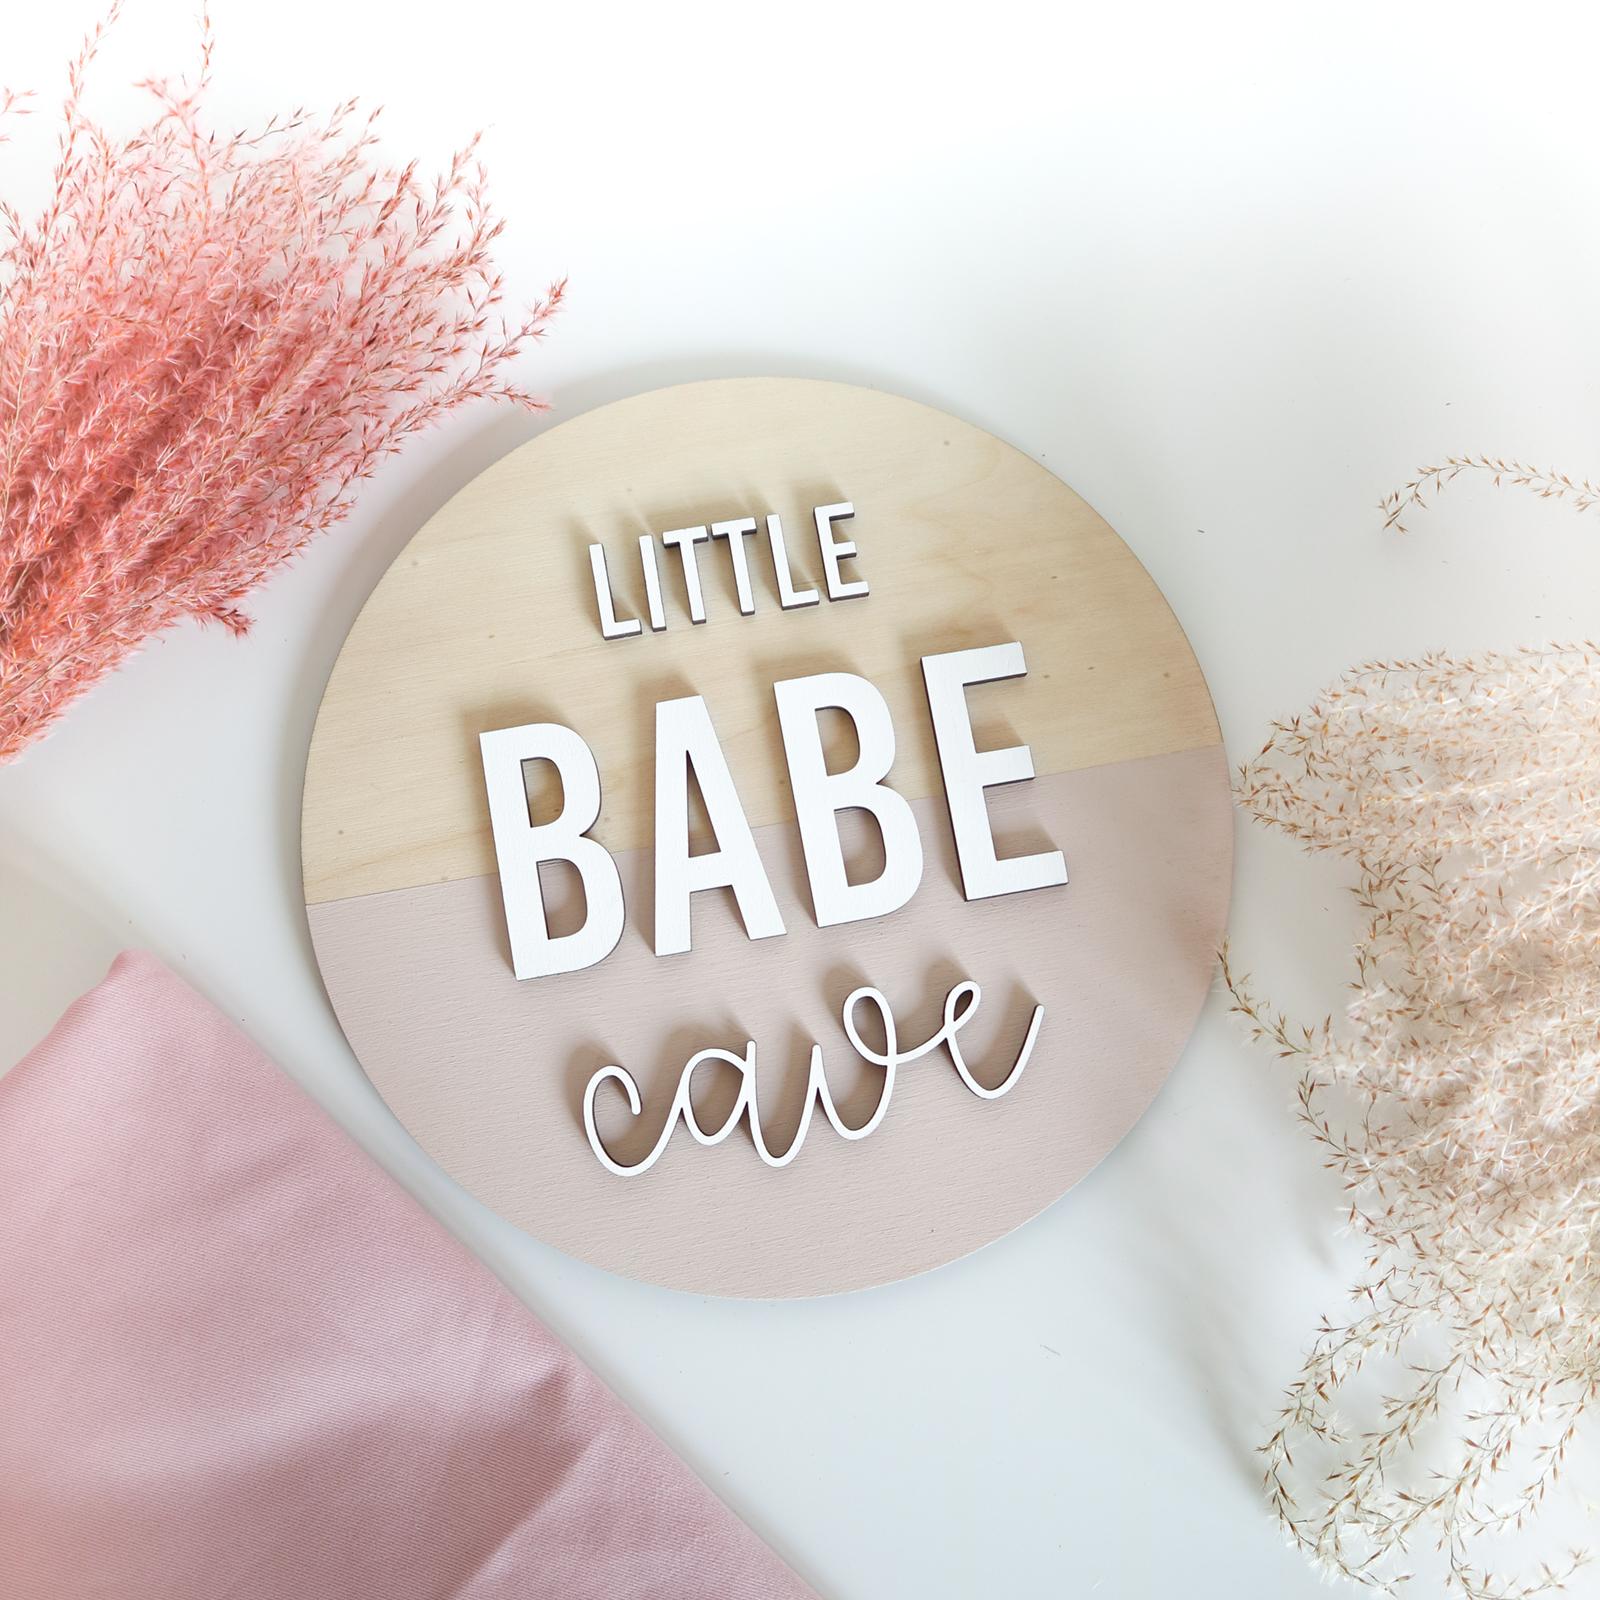 Little Babe Cave houten bord kinderkamer